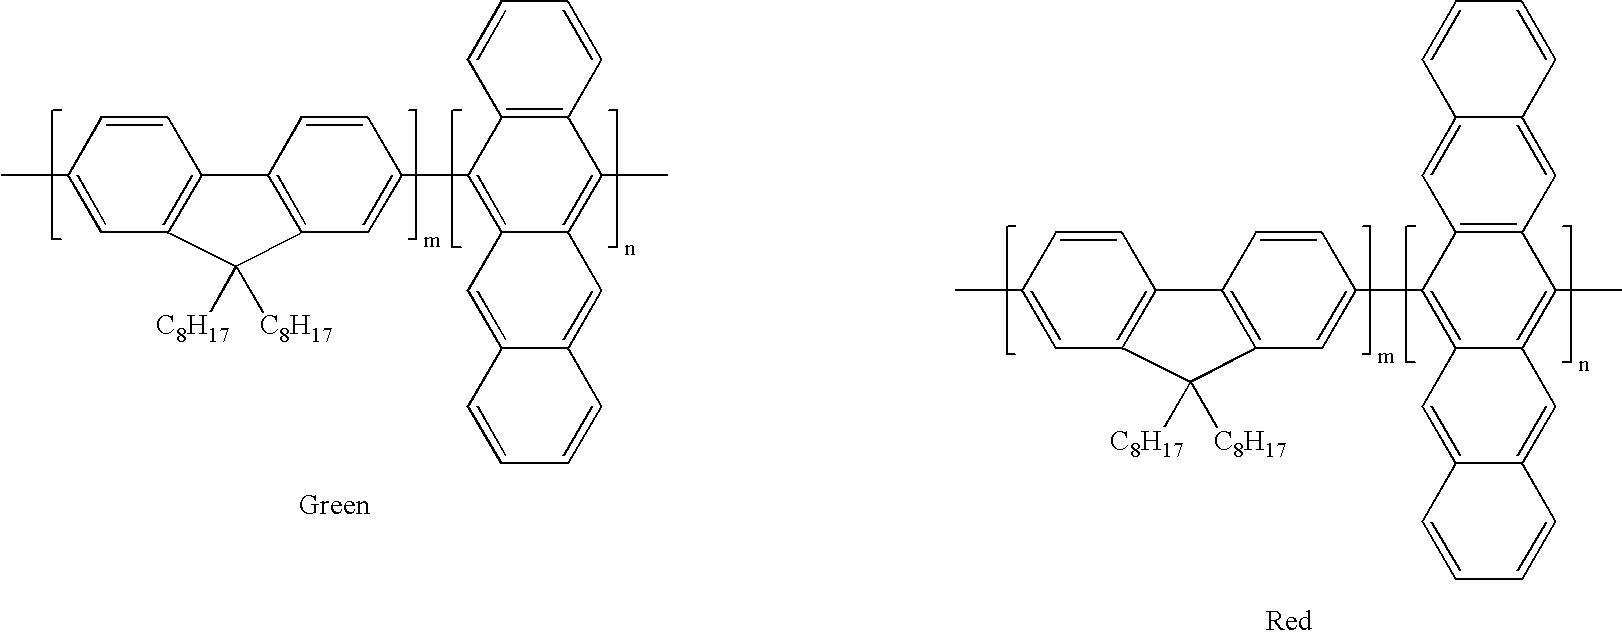 Figure US20030214042A1-20031120-C00005